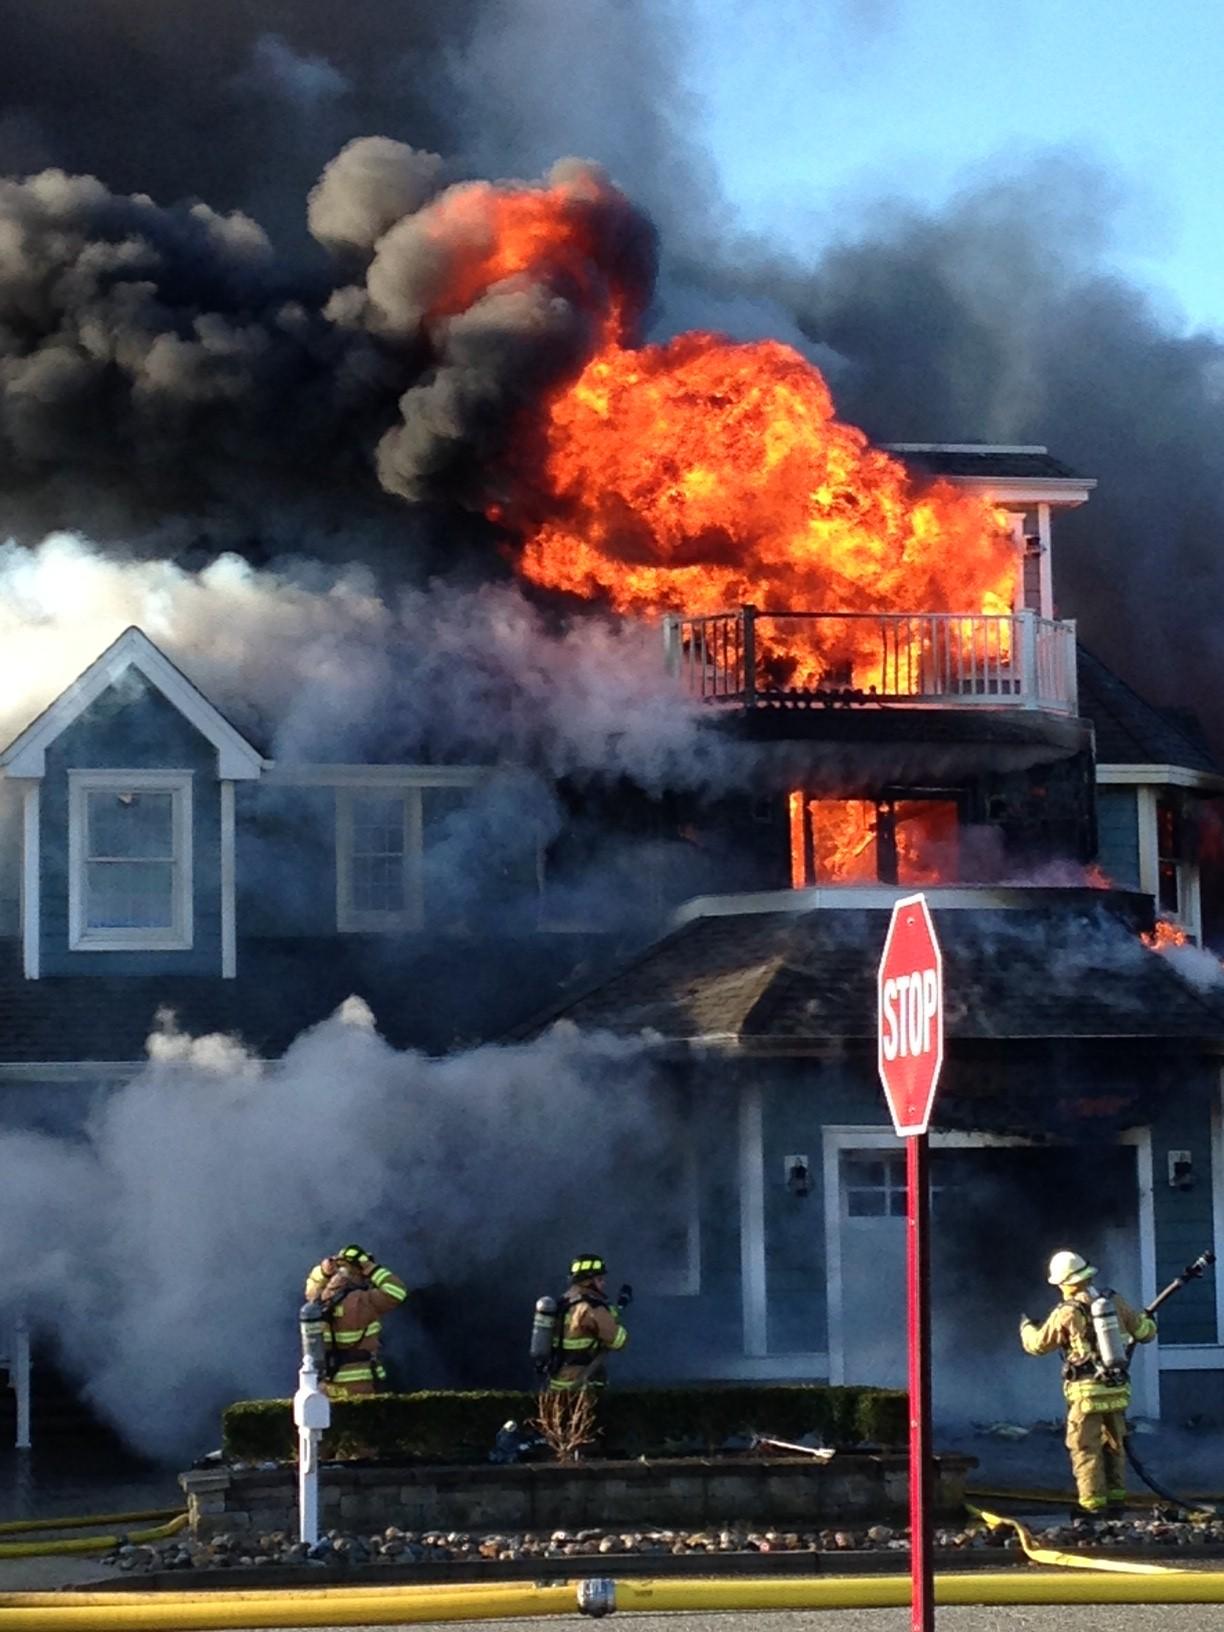 Avalon House Fire March 17 2017 Avalon New Jersey